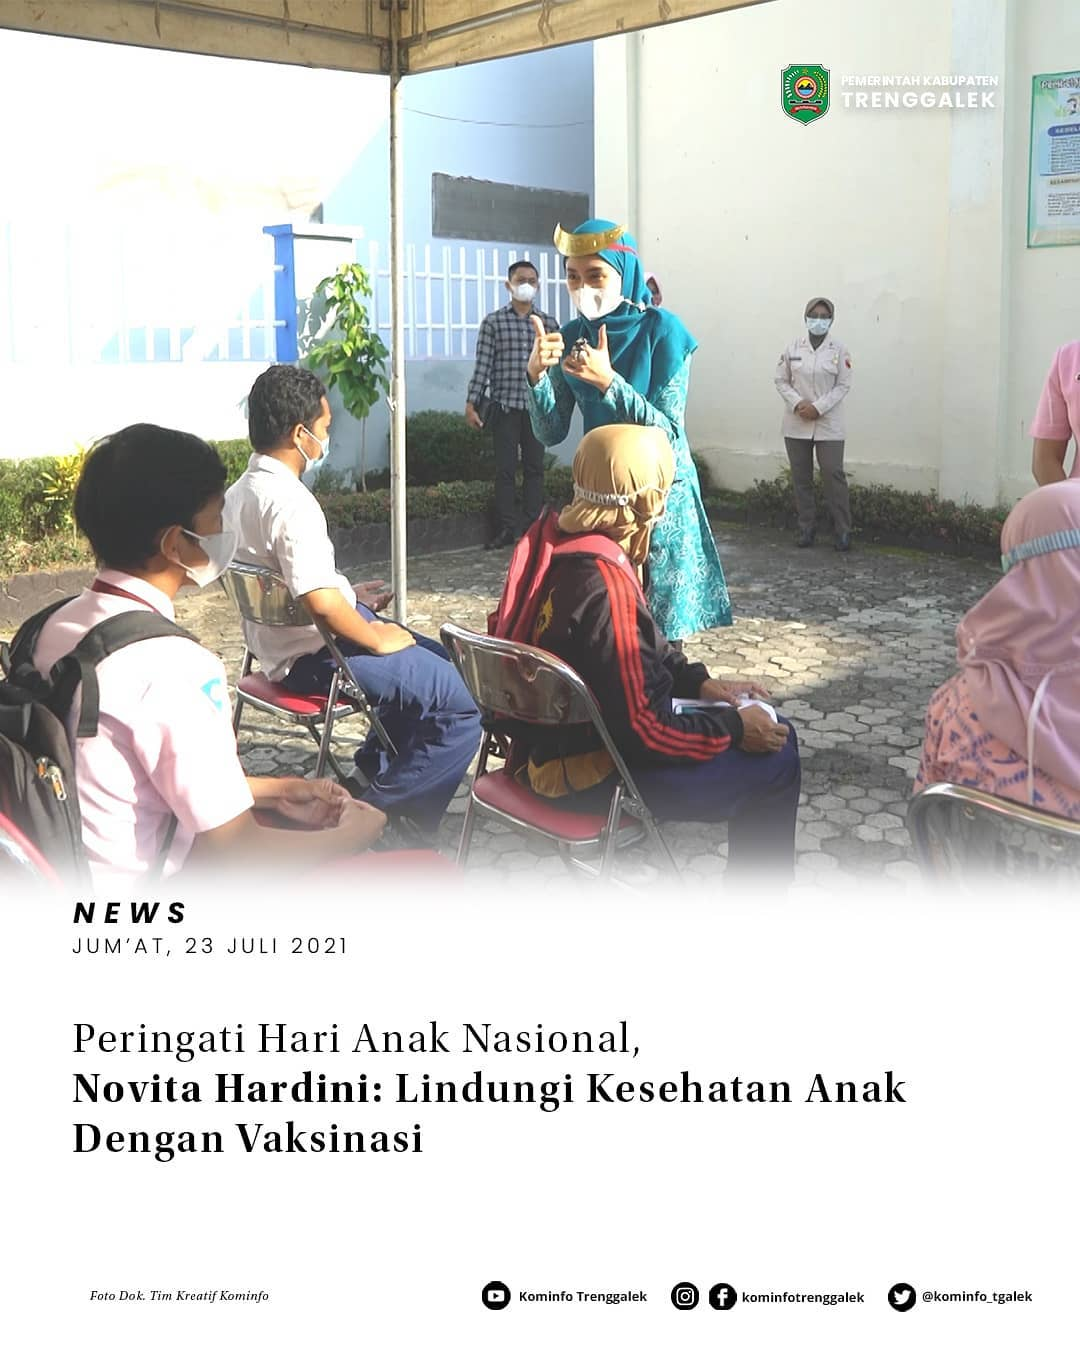 Peringati Hari Anak Nasional, Novita Hardini: Lindungi Kesehatan Anak Dengan Vaksinasi